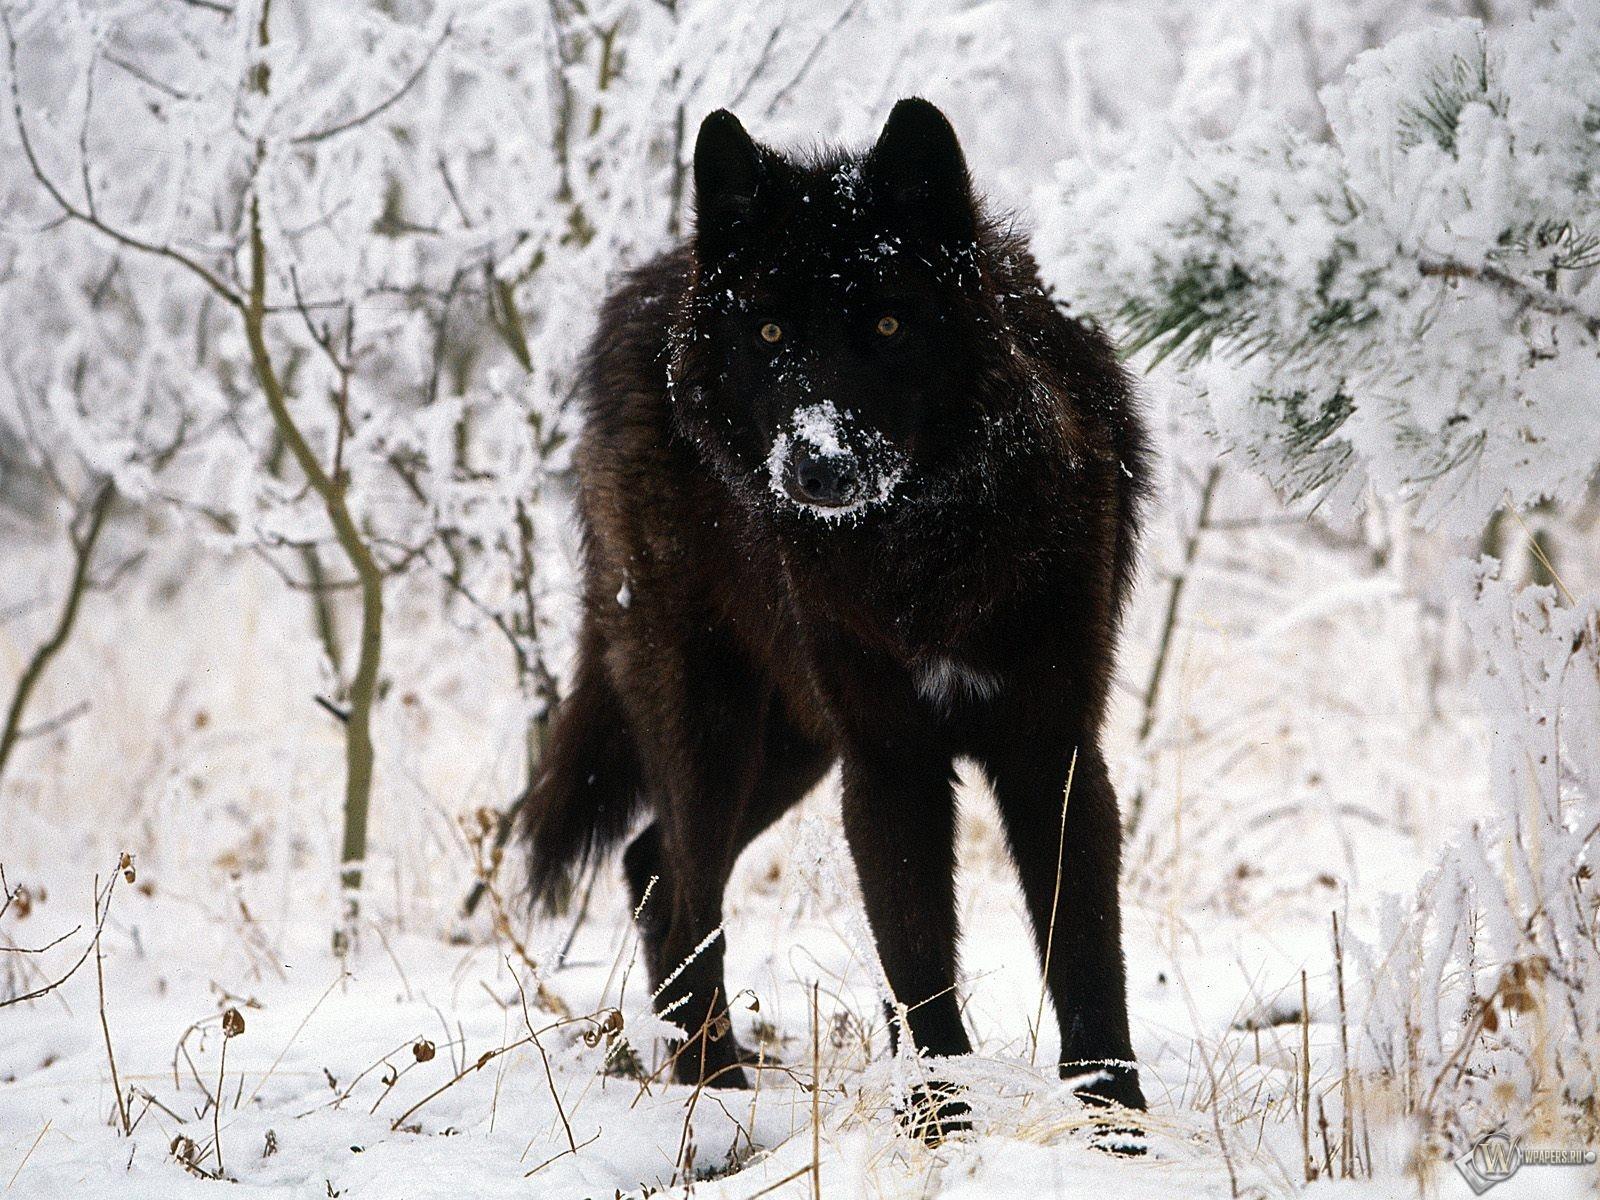 Черный волк на белом снегу 1600x1200